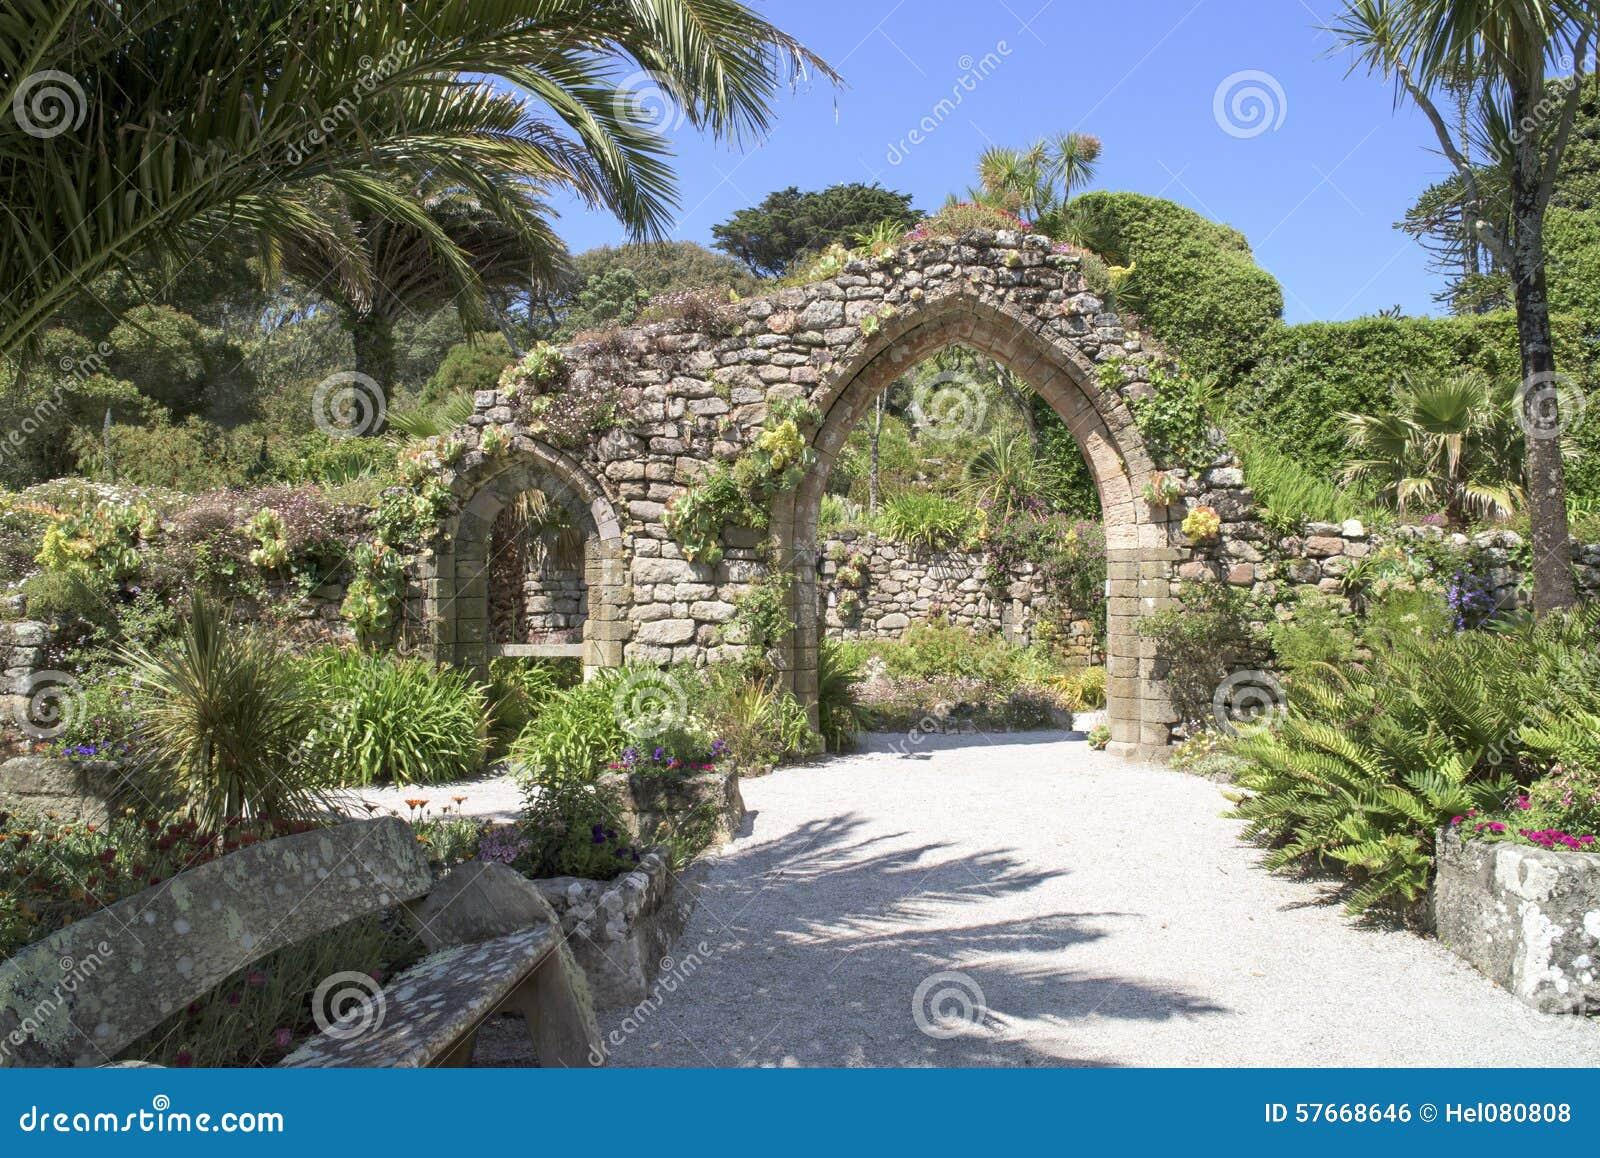 Archway z tropikalnymi roślinami